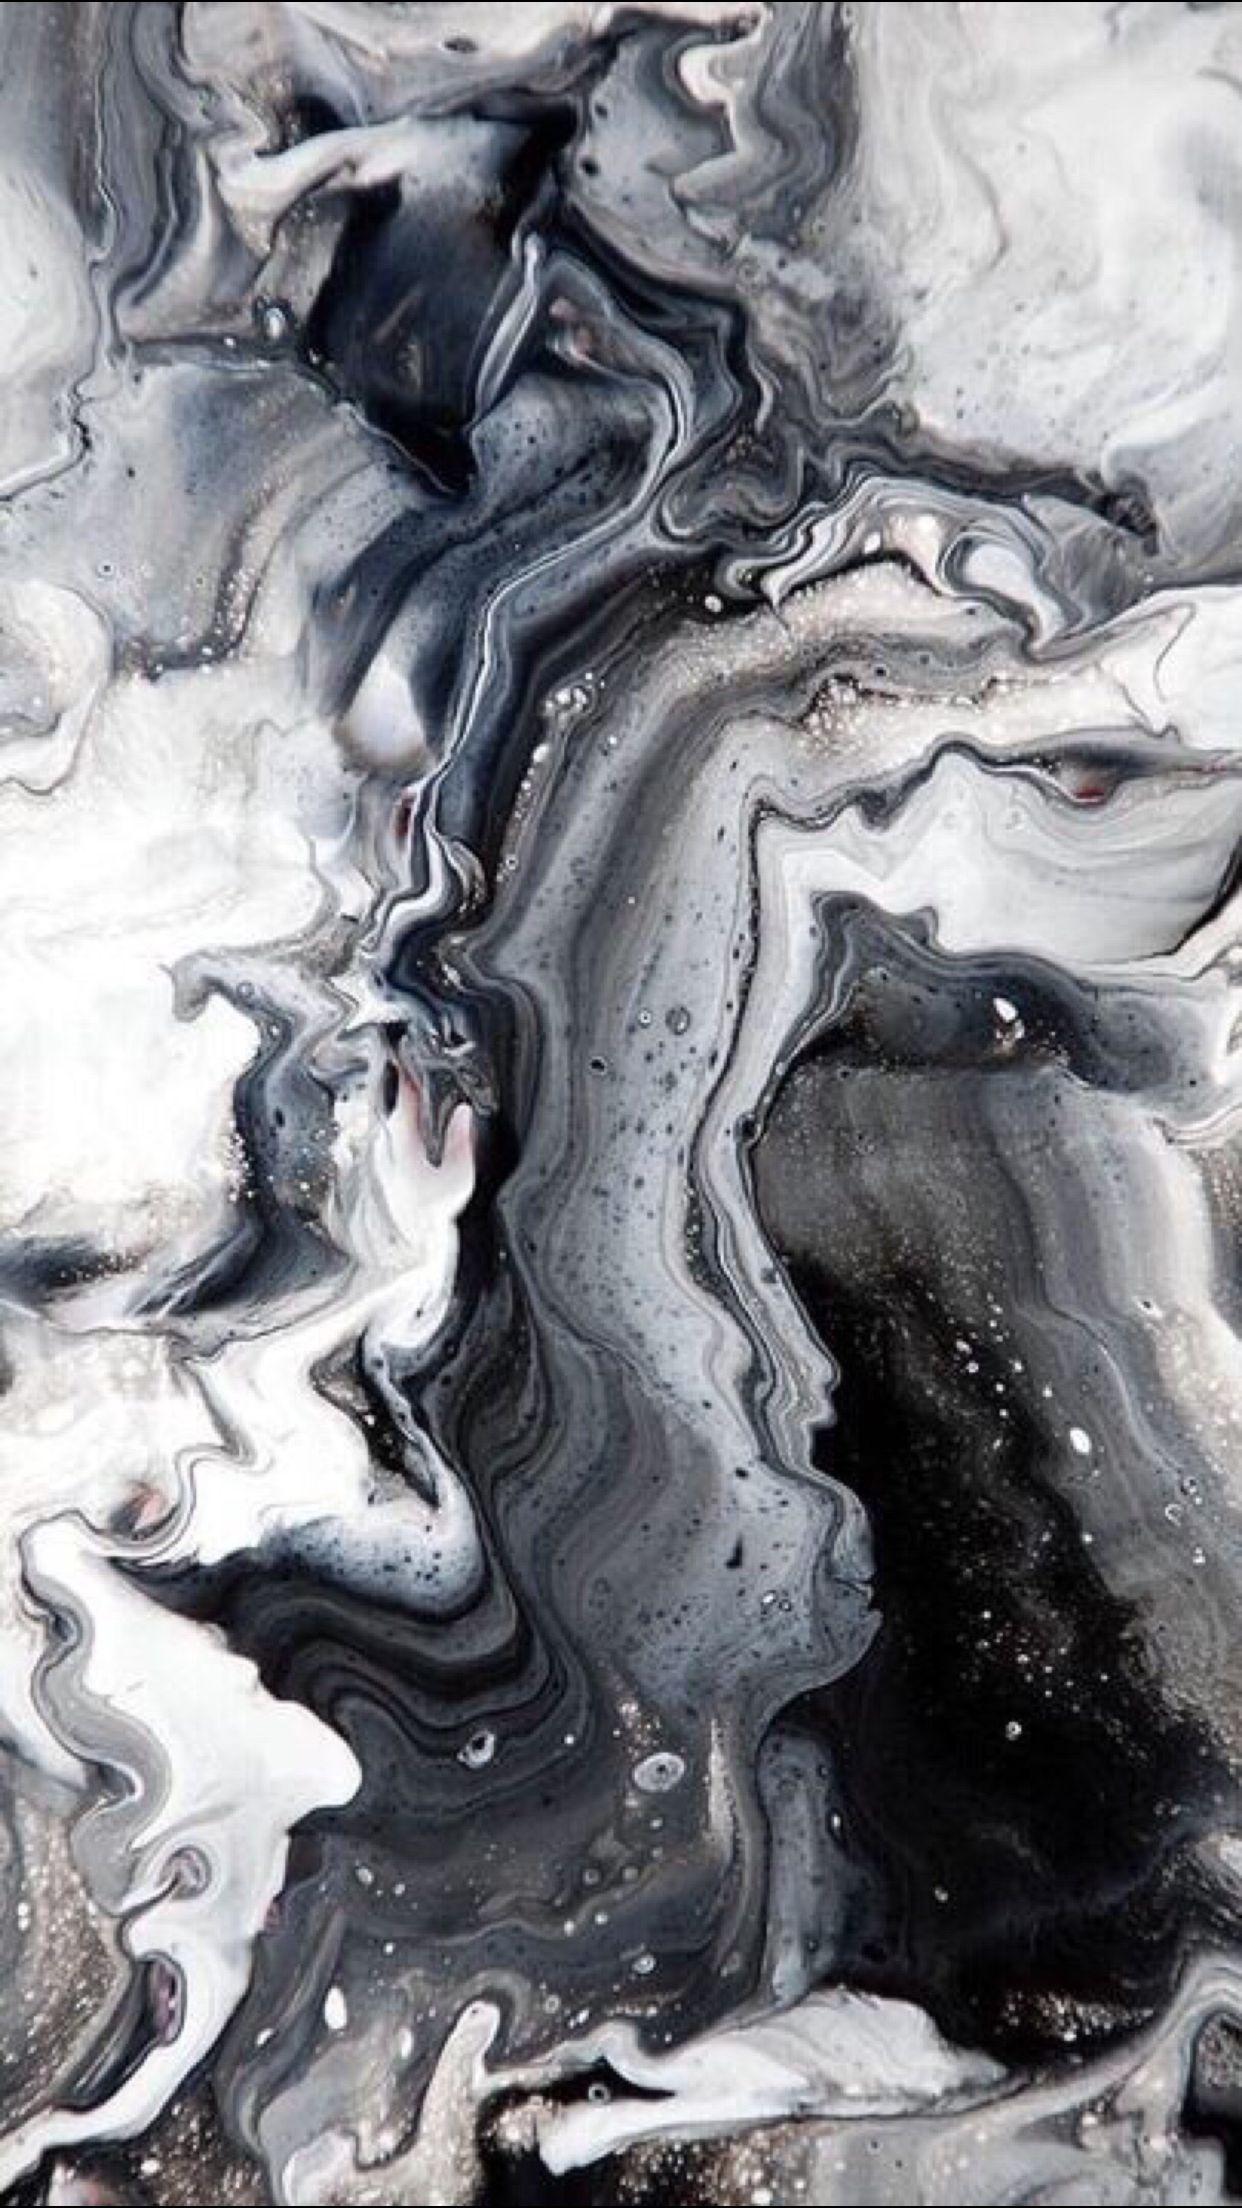 Fantastic Wallpaper Marble Black And White - 438640fe153f0016b8fa4394154de048  Graphic_3039.jpg